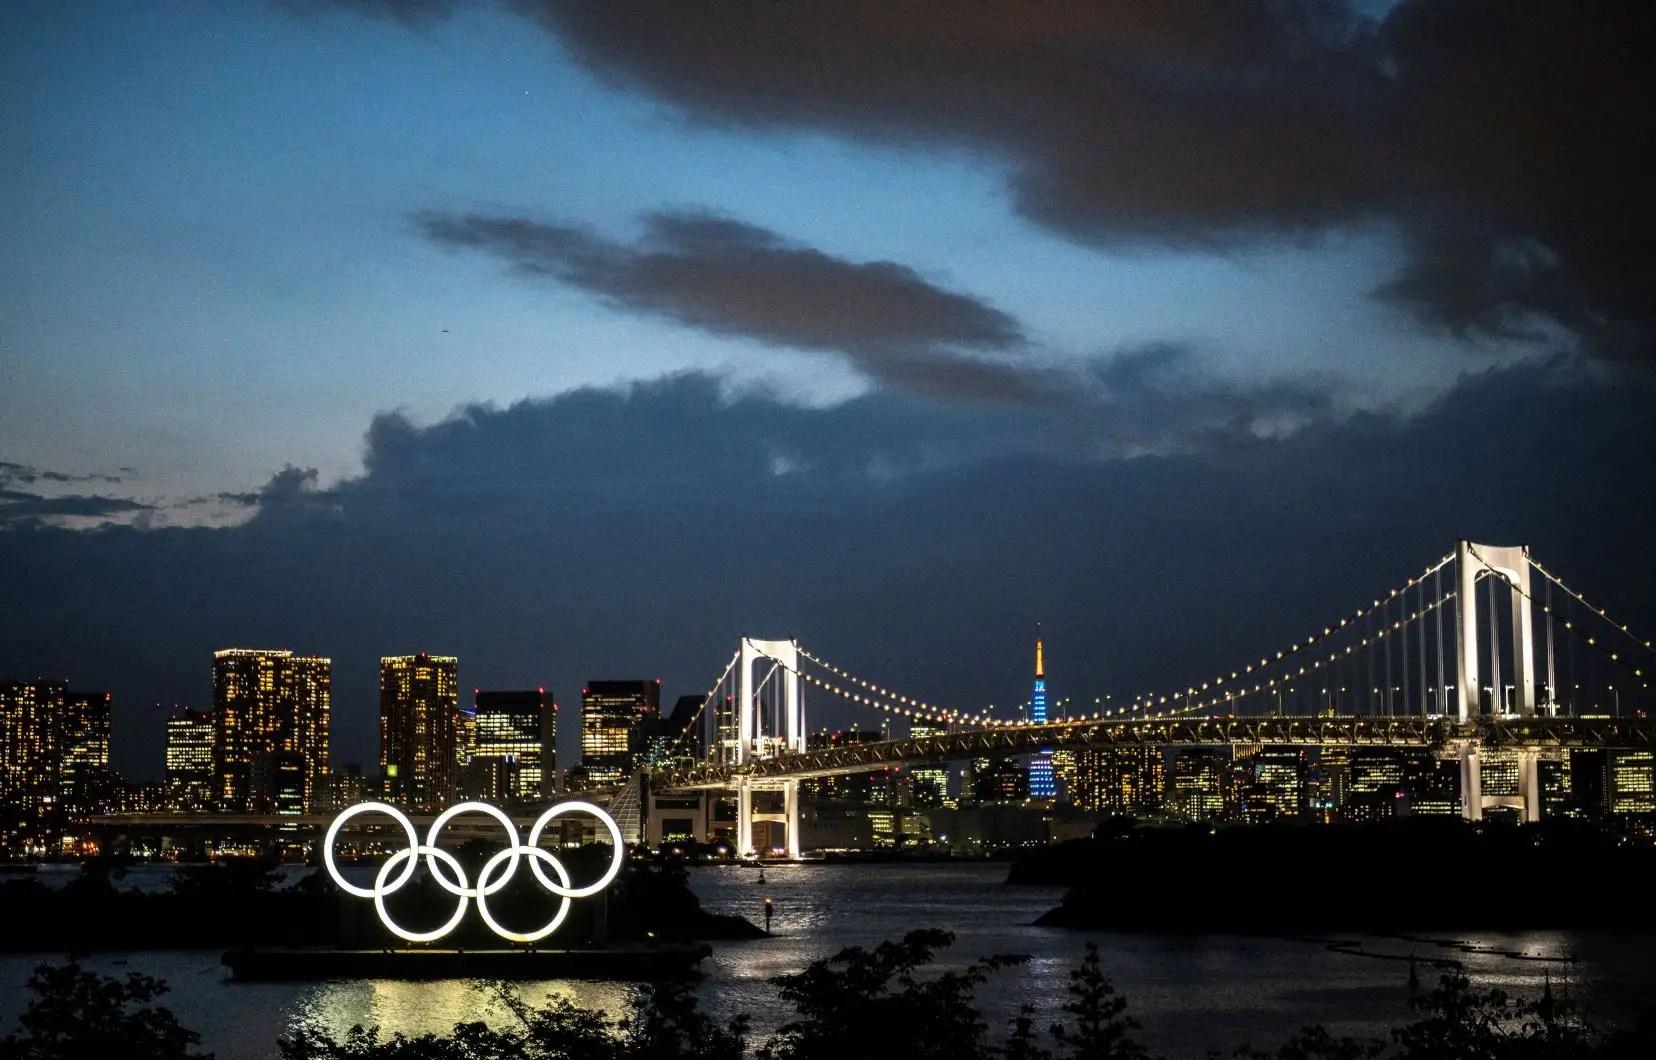 Le nombre de spectateurs aux Jeux de Tokyo sera encore plus limité